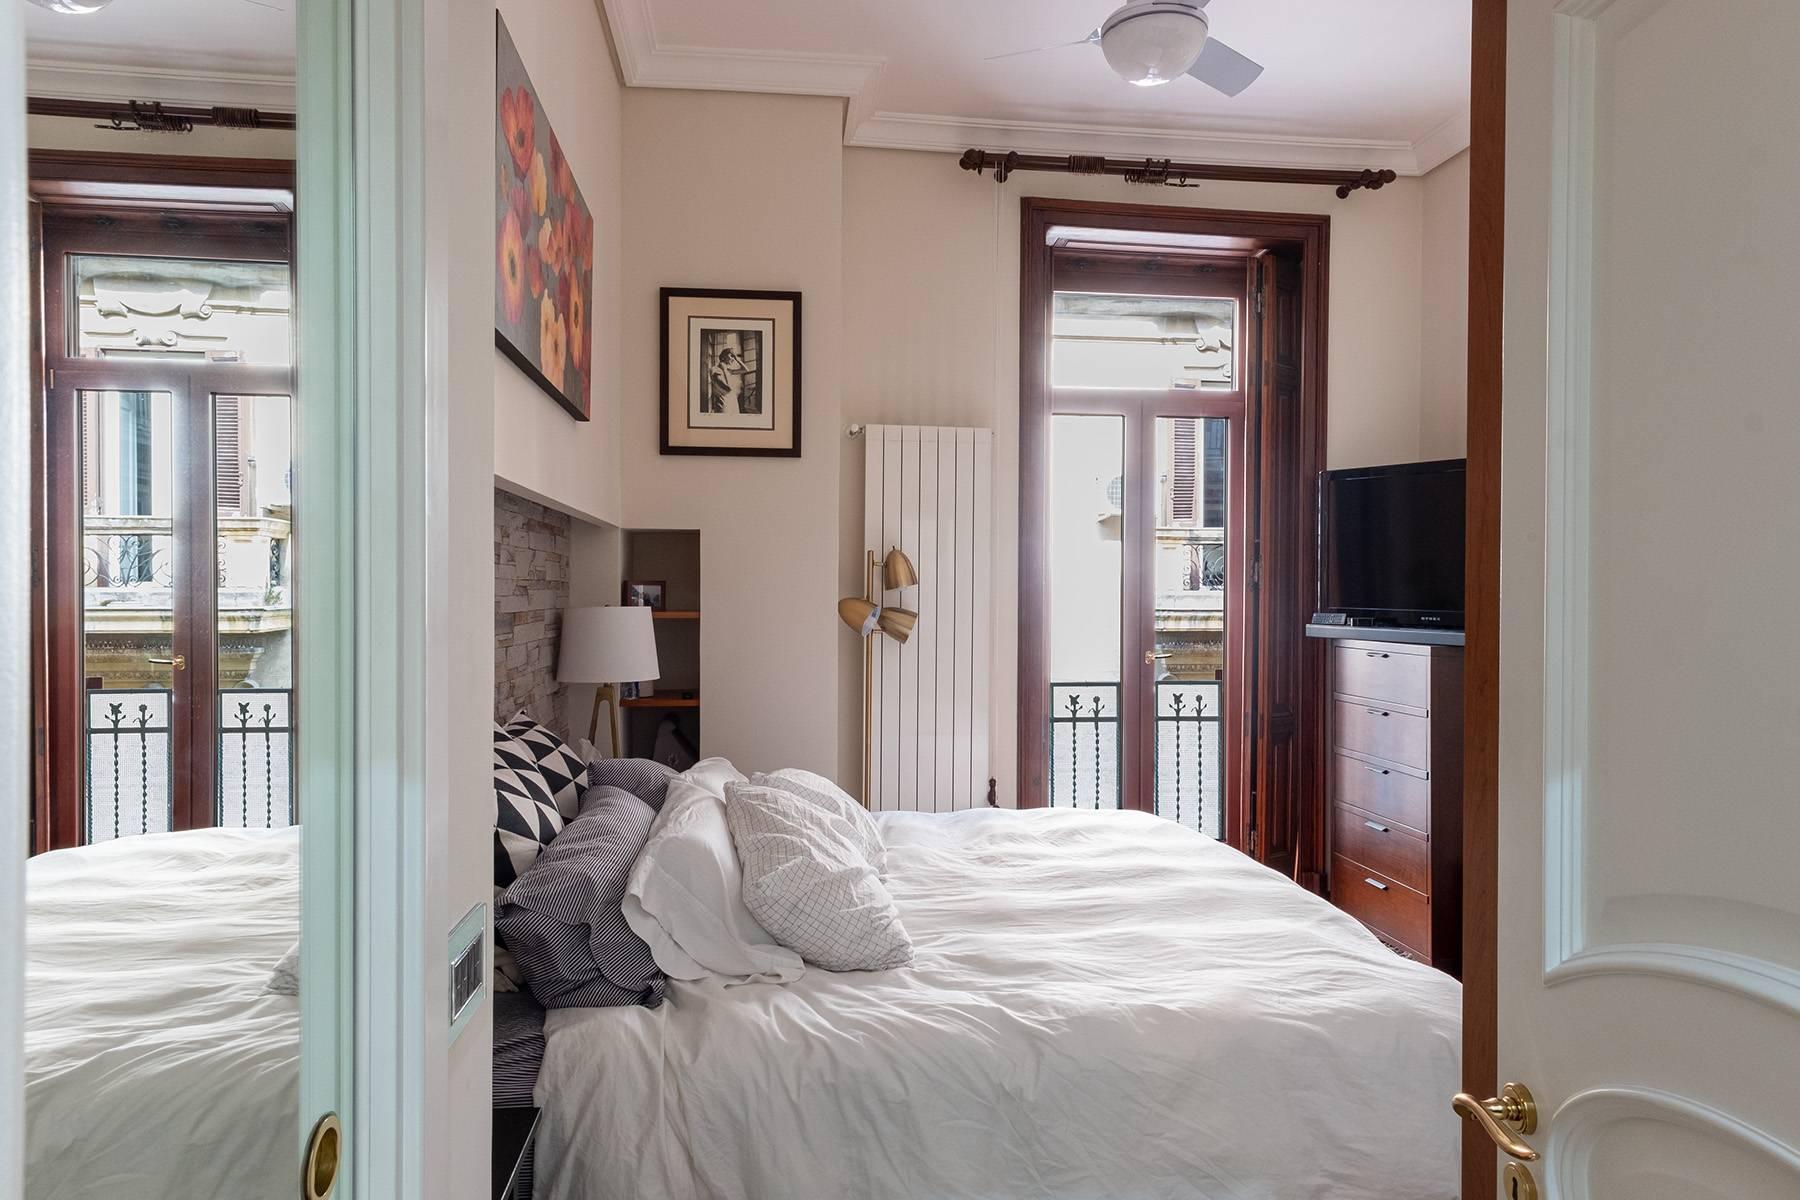 Appartamento in Vendita a Napoli: 5 locali, 120 mq - Foto 15